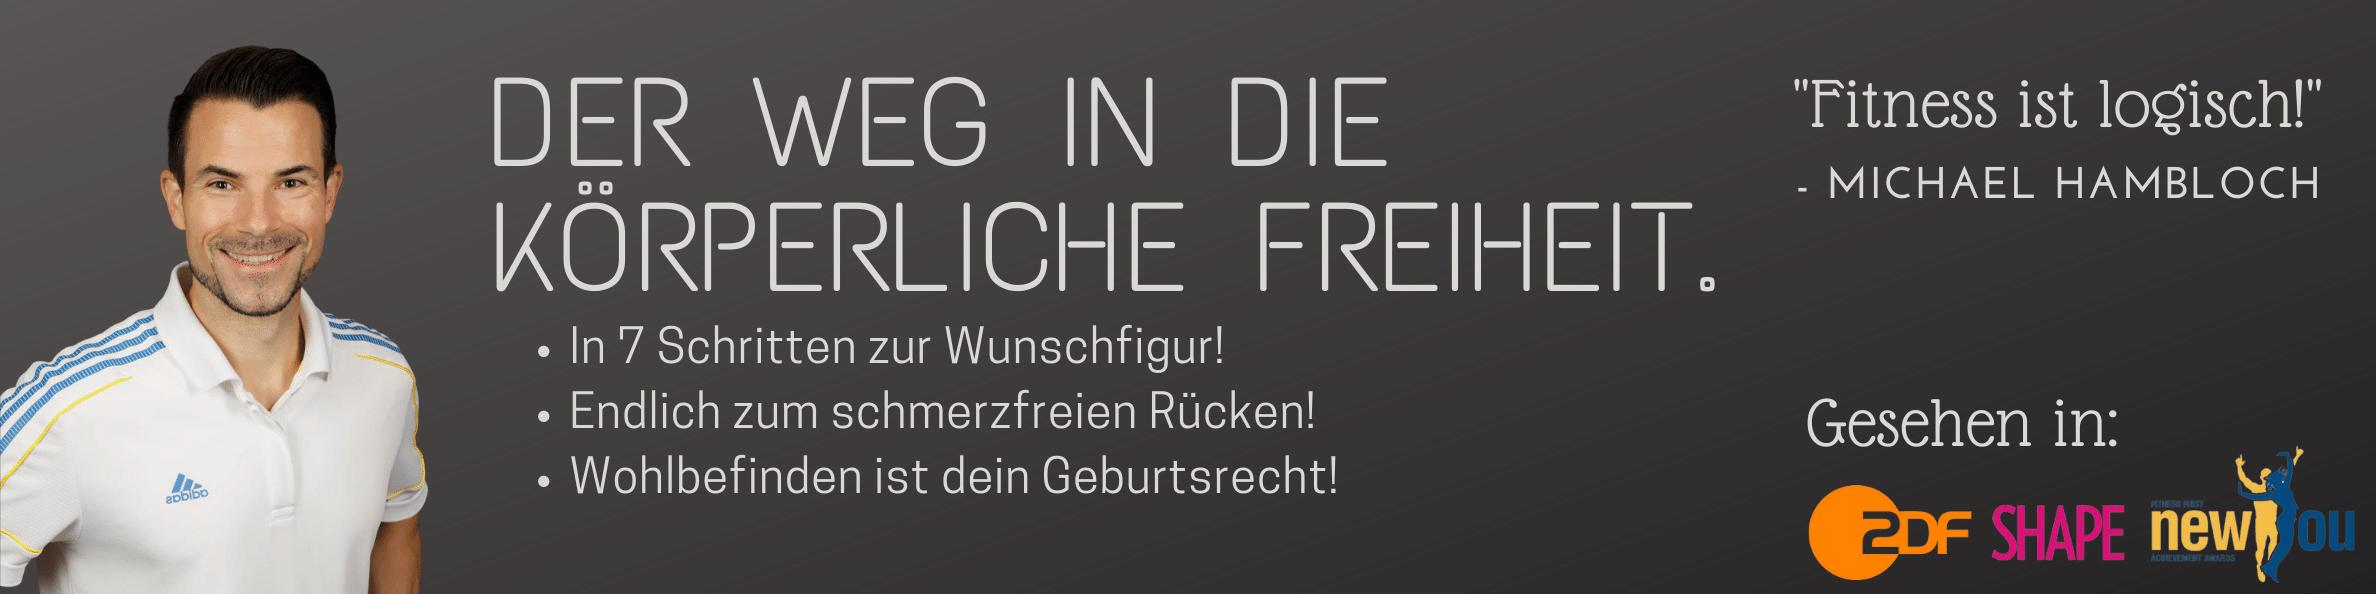 Michael Hambloch Banner Körperliche Freiheit Startseite